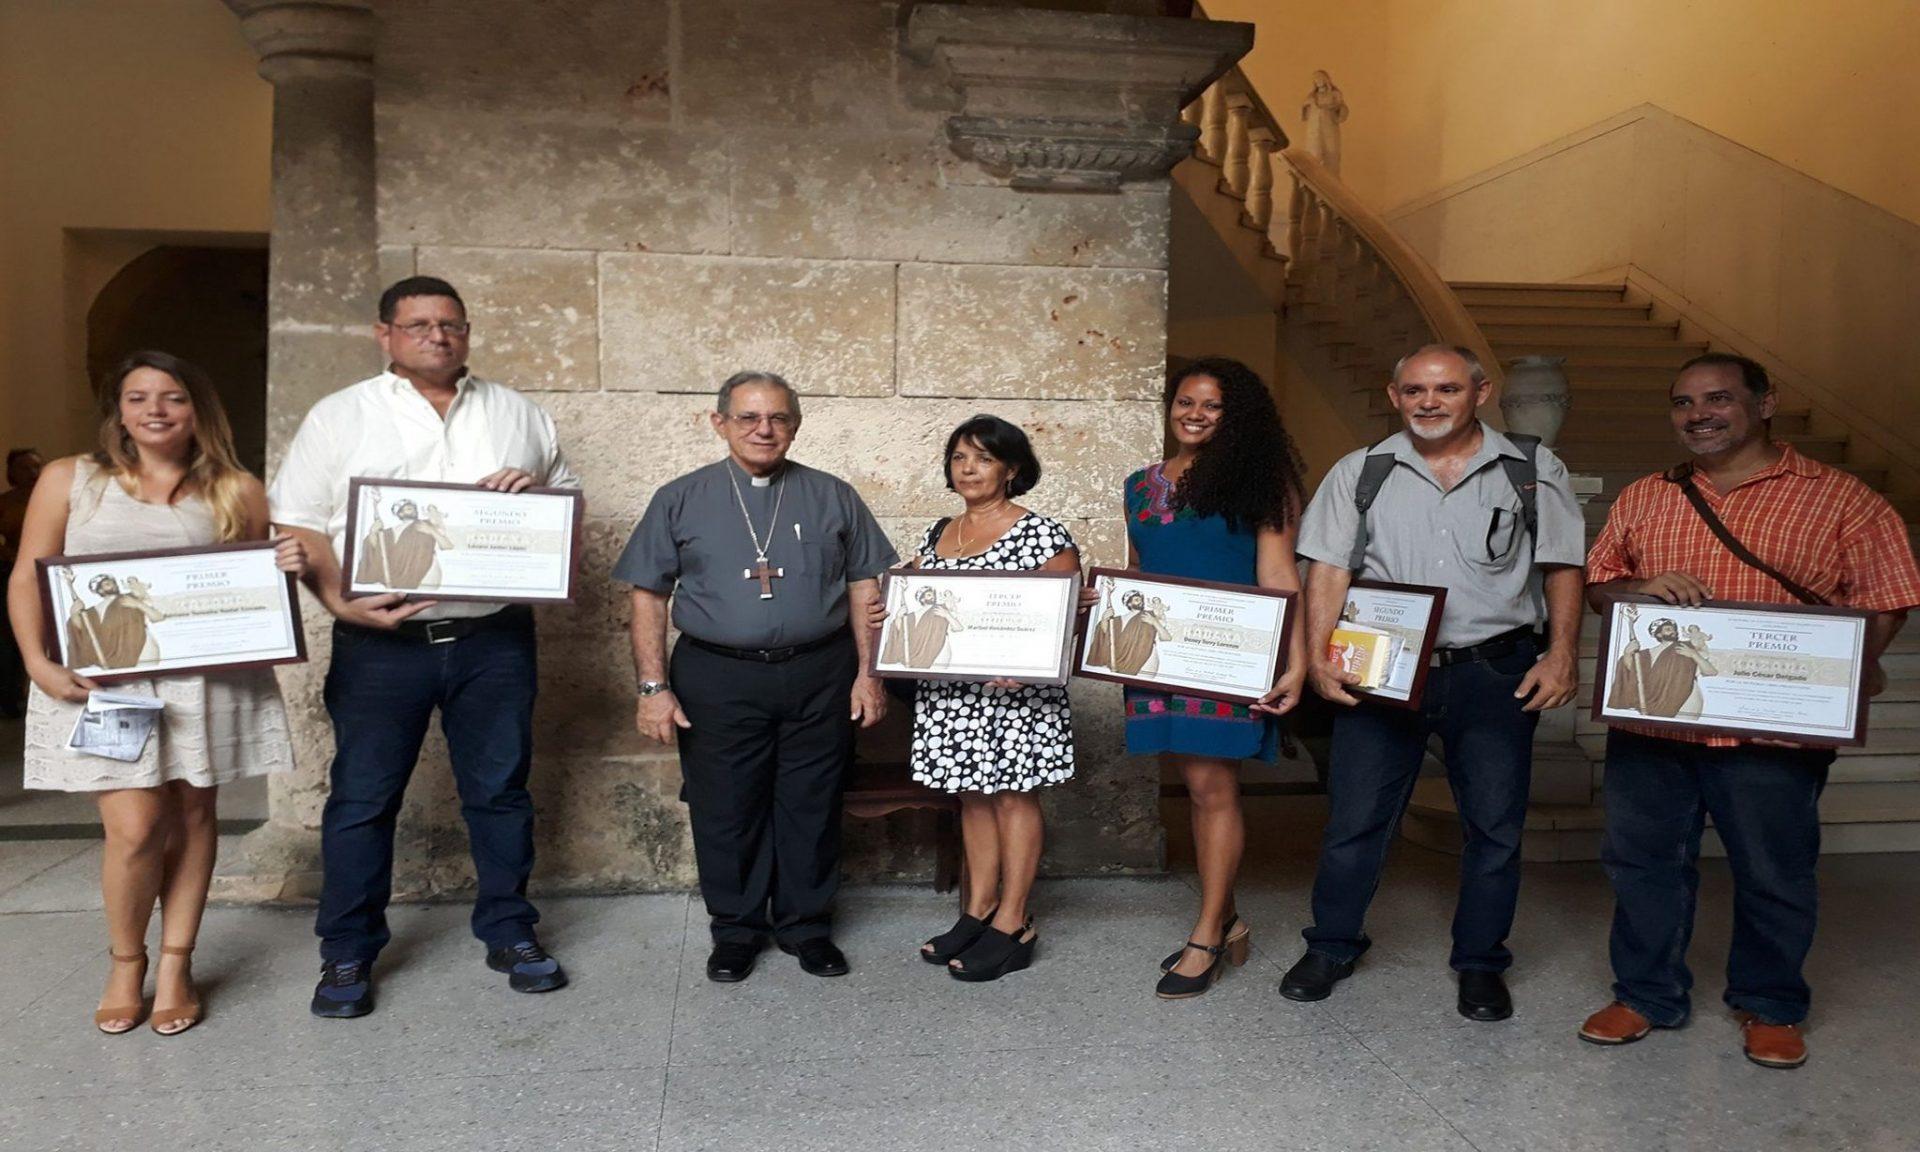 Ganadores del Concurso de Periodismo Palabra Nueva junto a S.E.R. cardenal Juan de la Caridad García Rodríguez, arzobispo de La Habana.